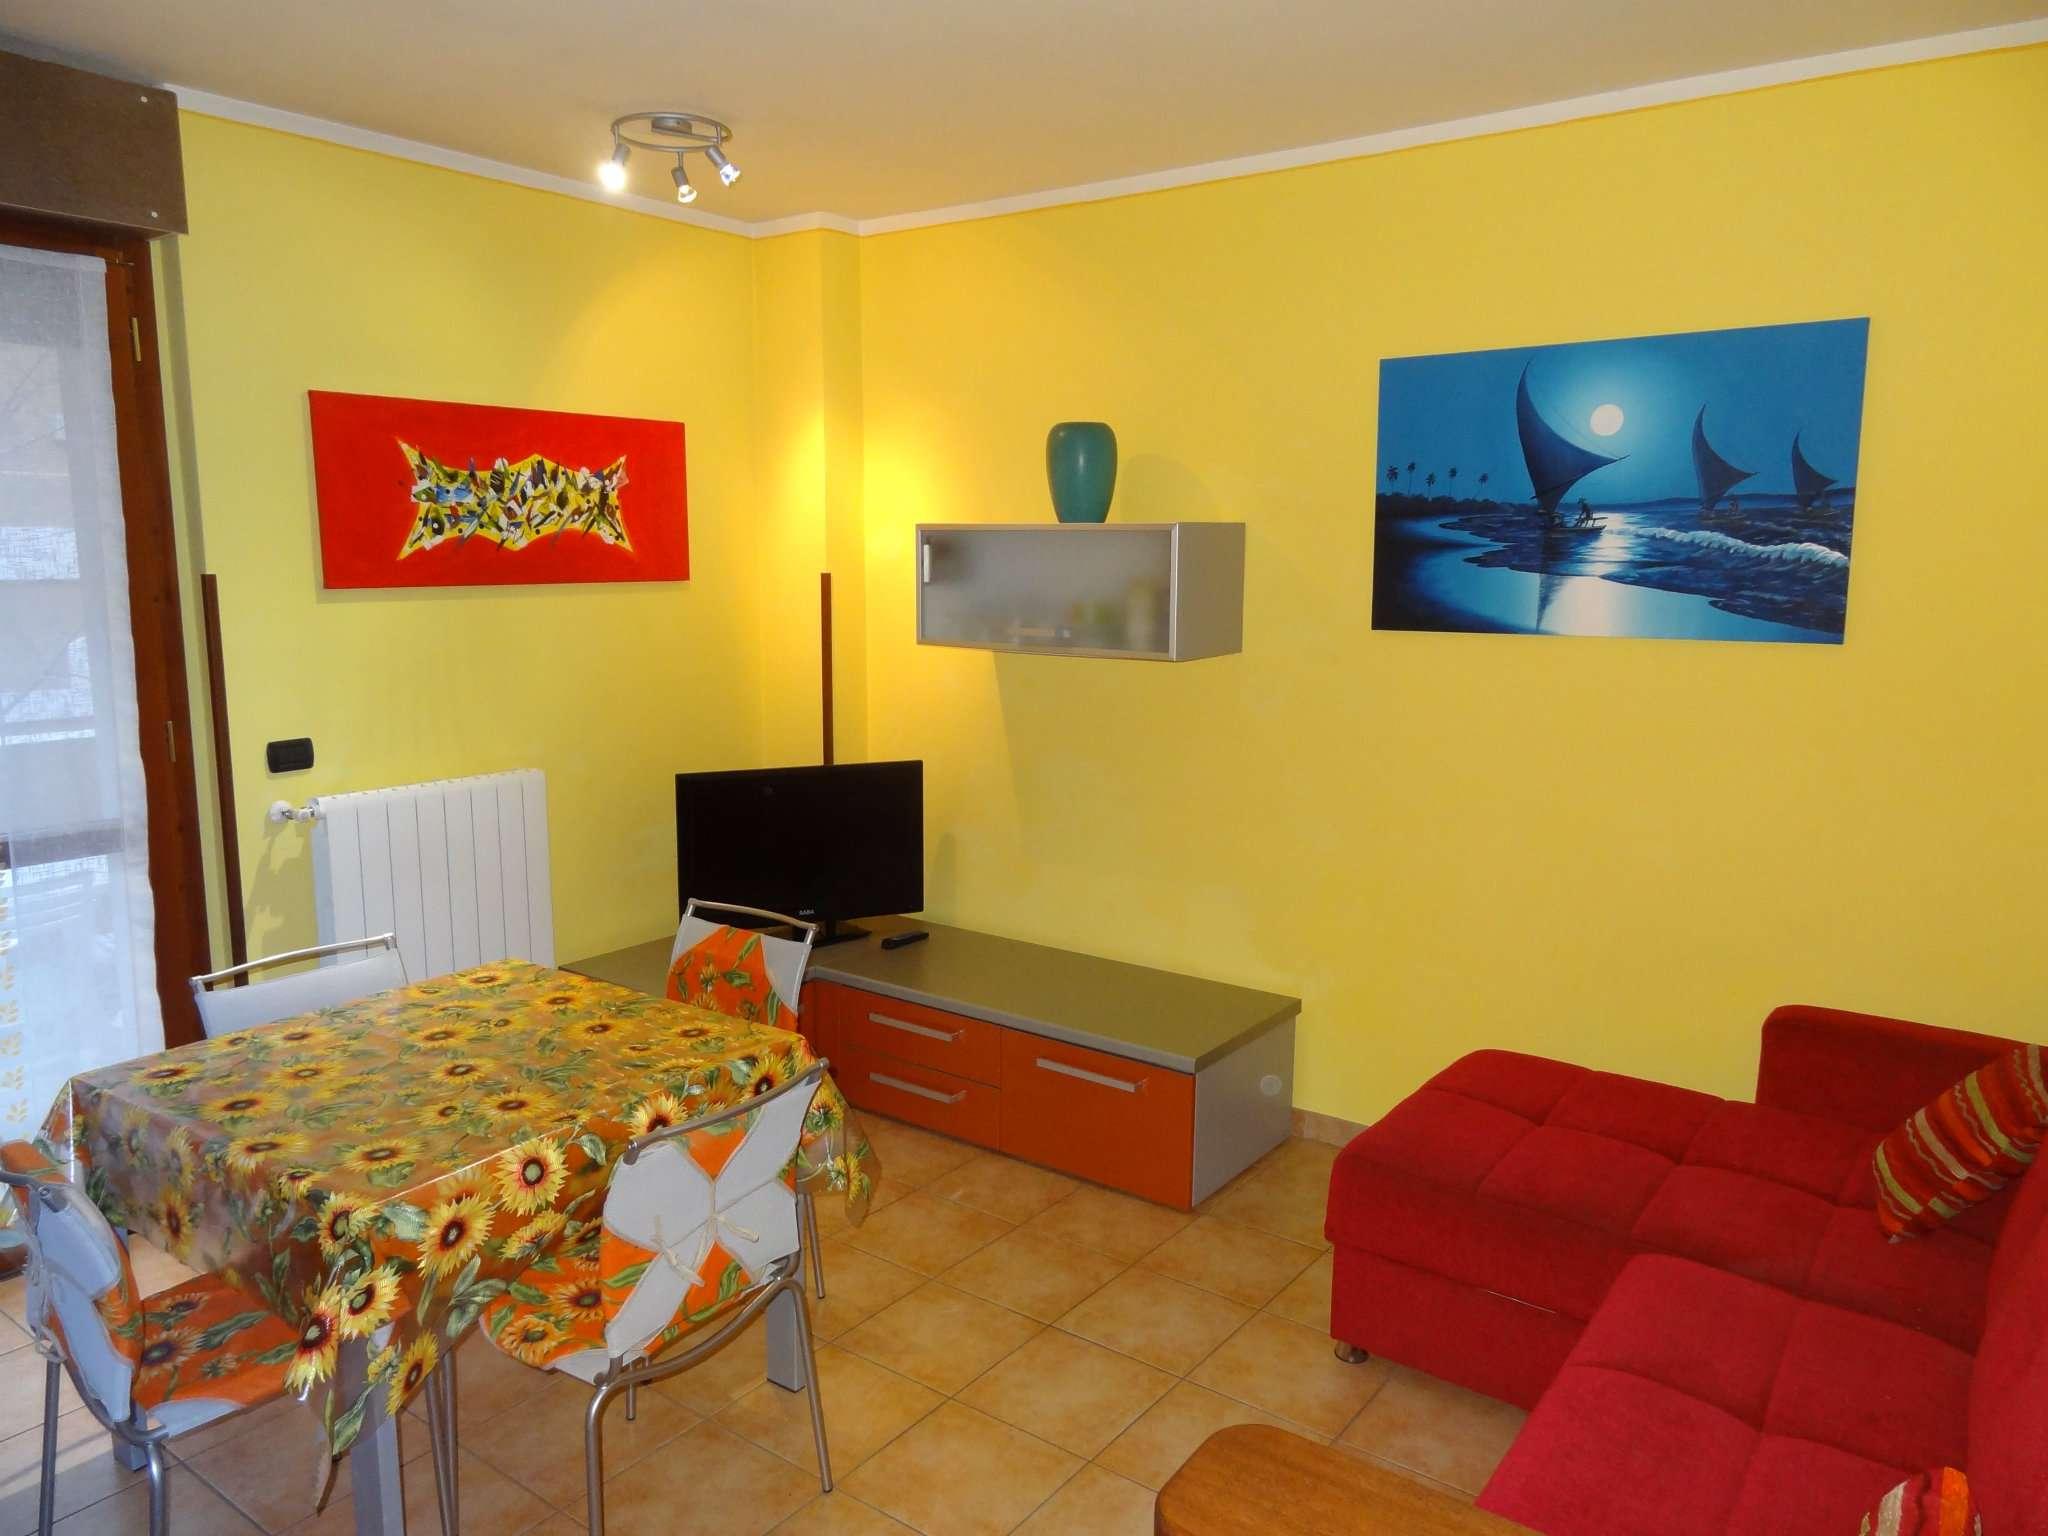 Appartamento in affitto a Gemonio, 2 locali, prezzo € 500 | CambioCasa.it